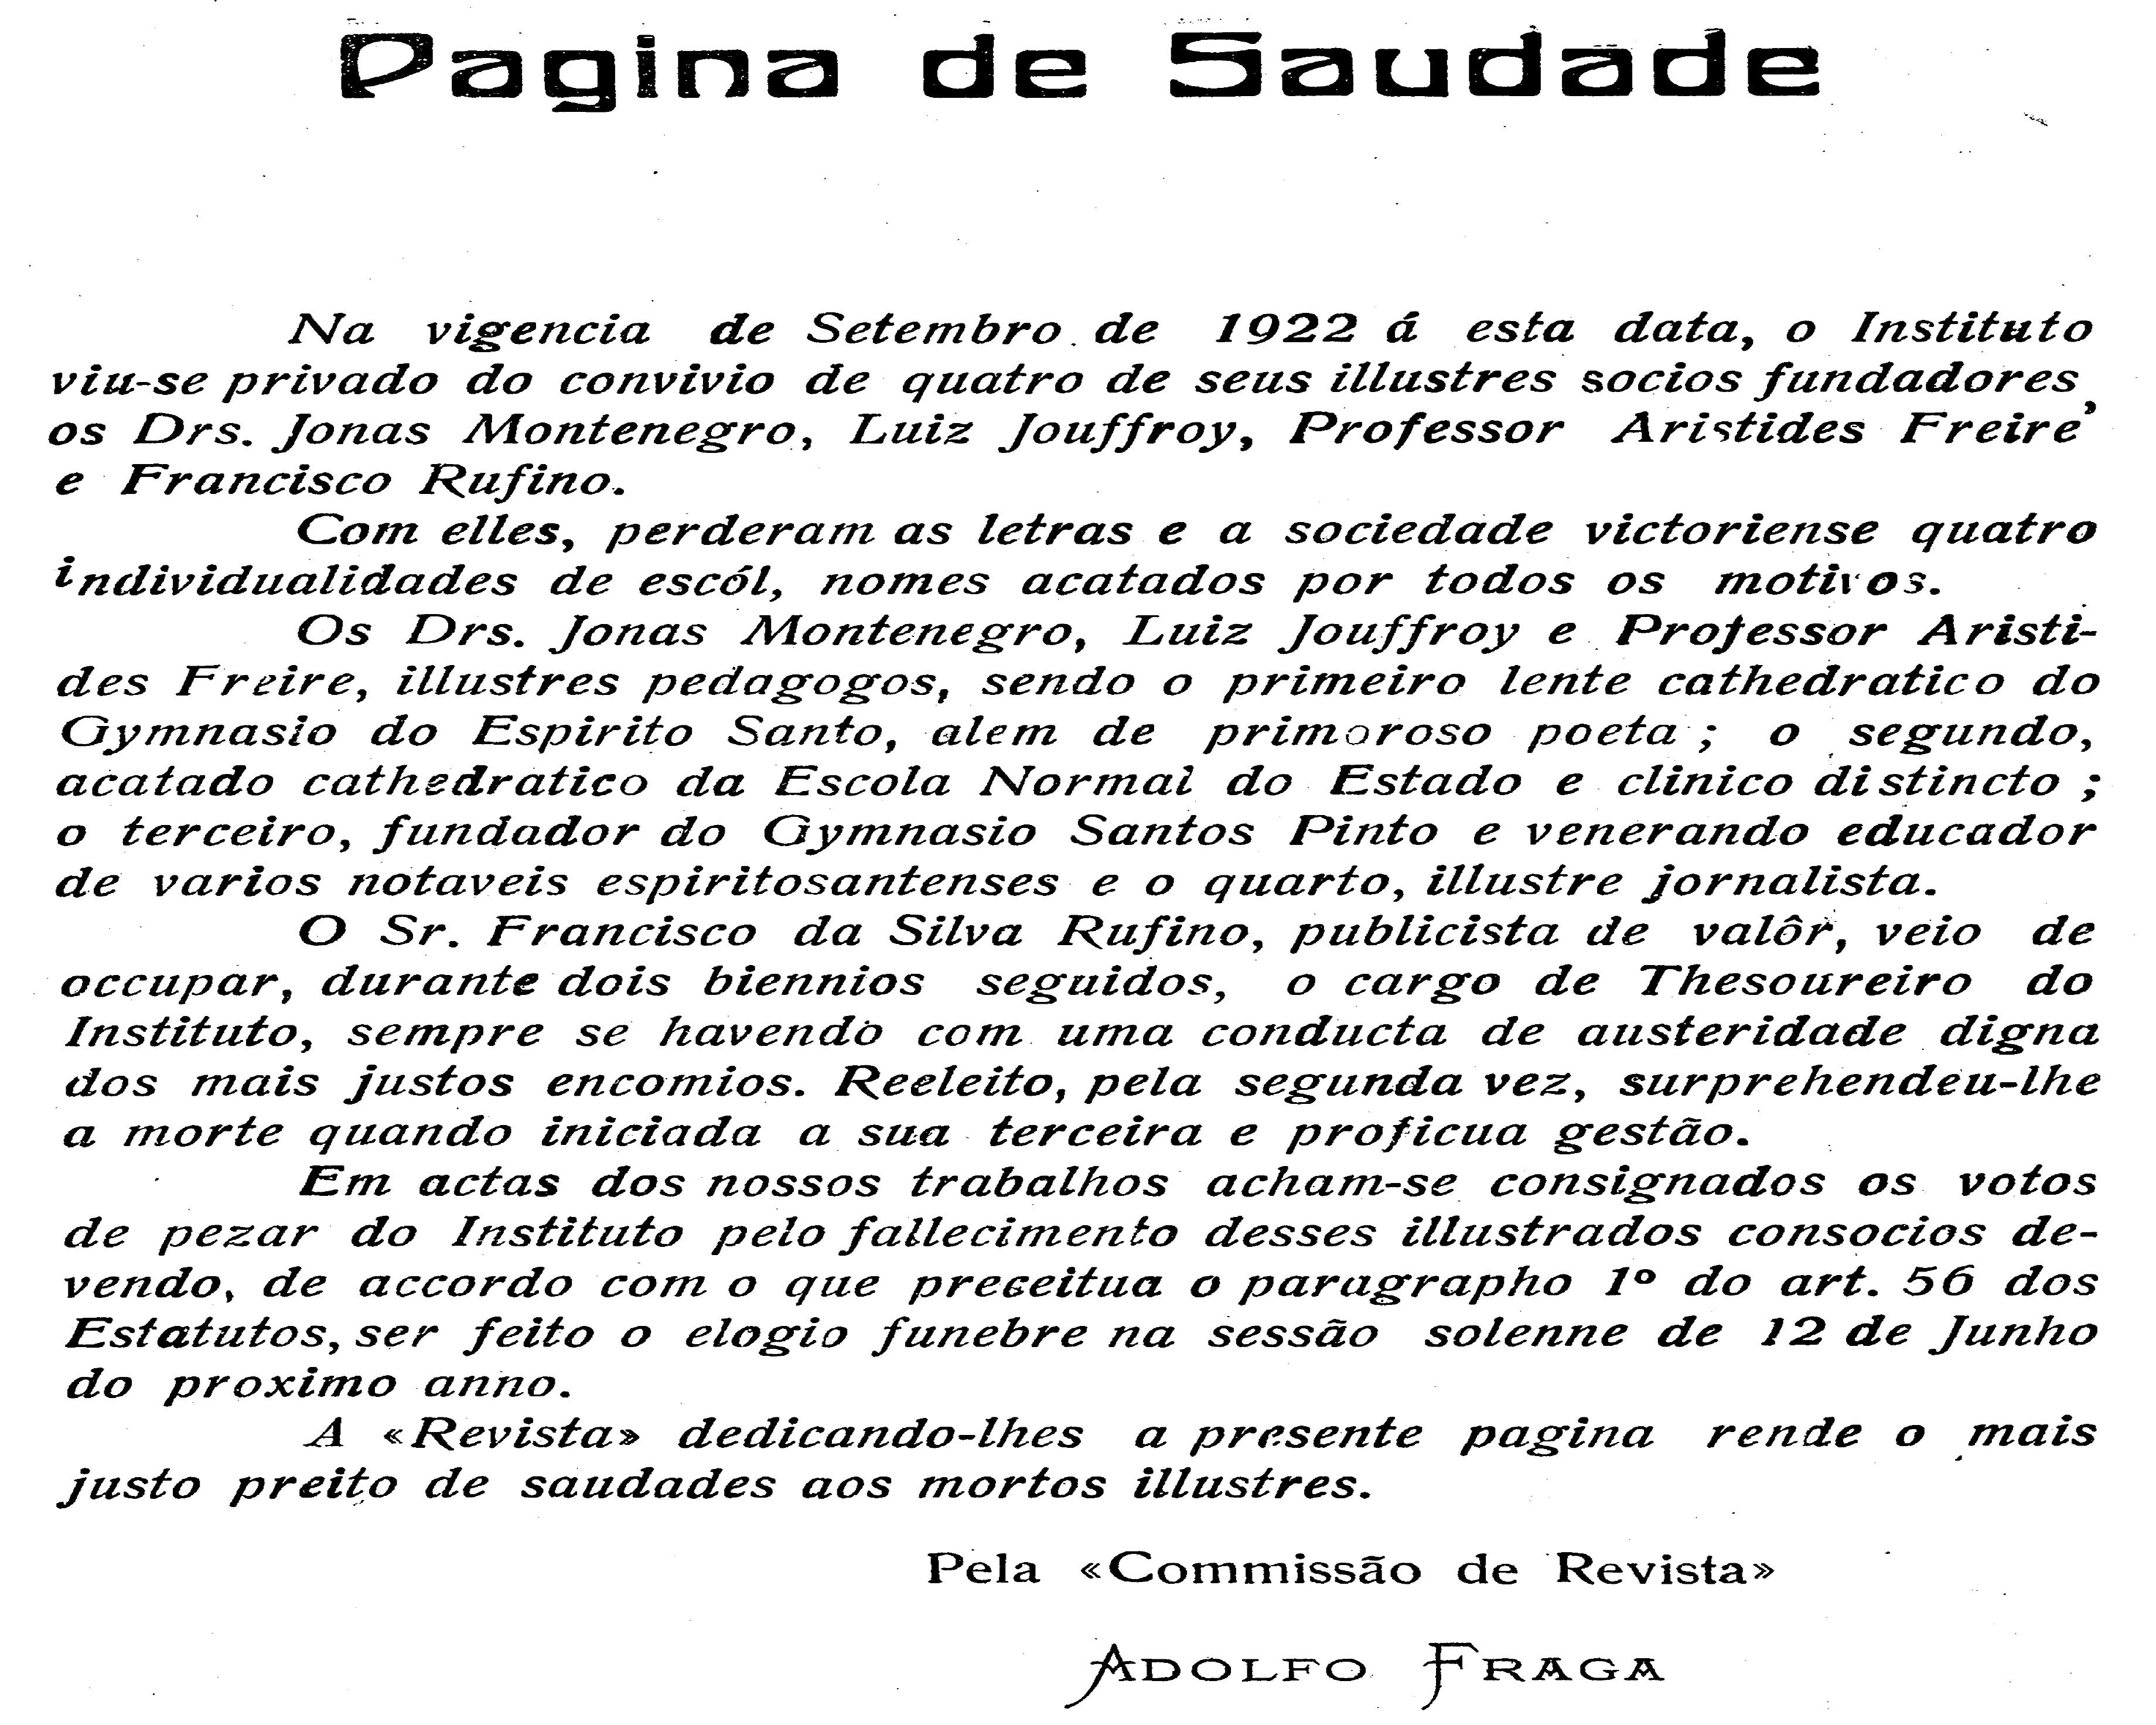 Figura 2 – Páginas de Saúde. Fonte: Revista do IHGES nº IV, ano IV, 1925. Arquivos do Instituto Histórico e Geográfico do Espírito Santo: Vitória, 2012.